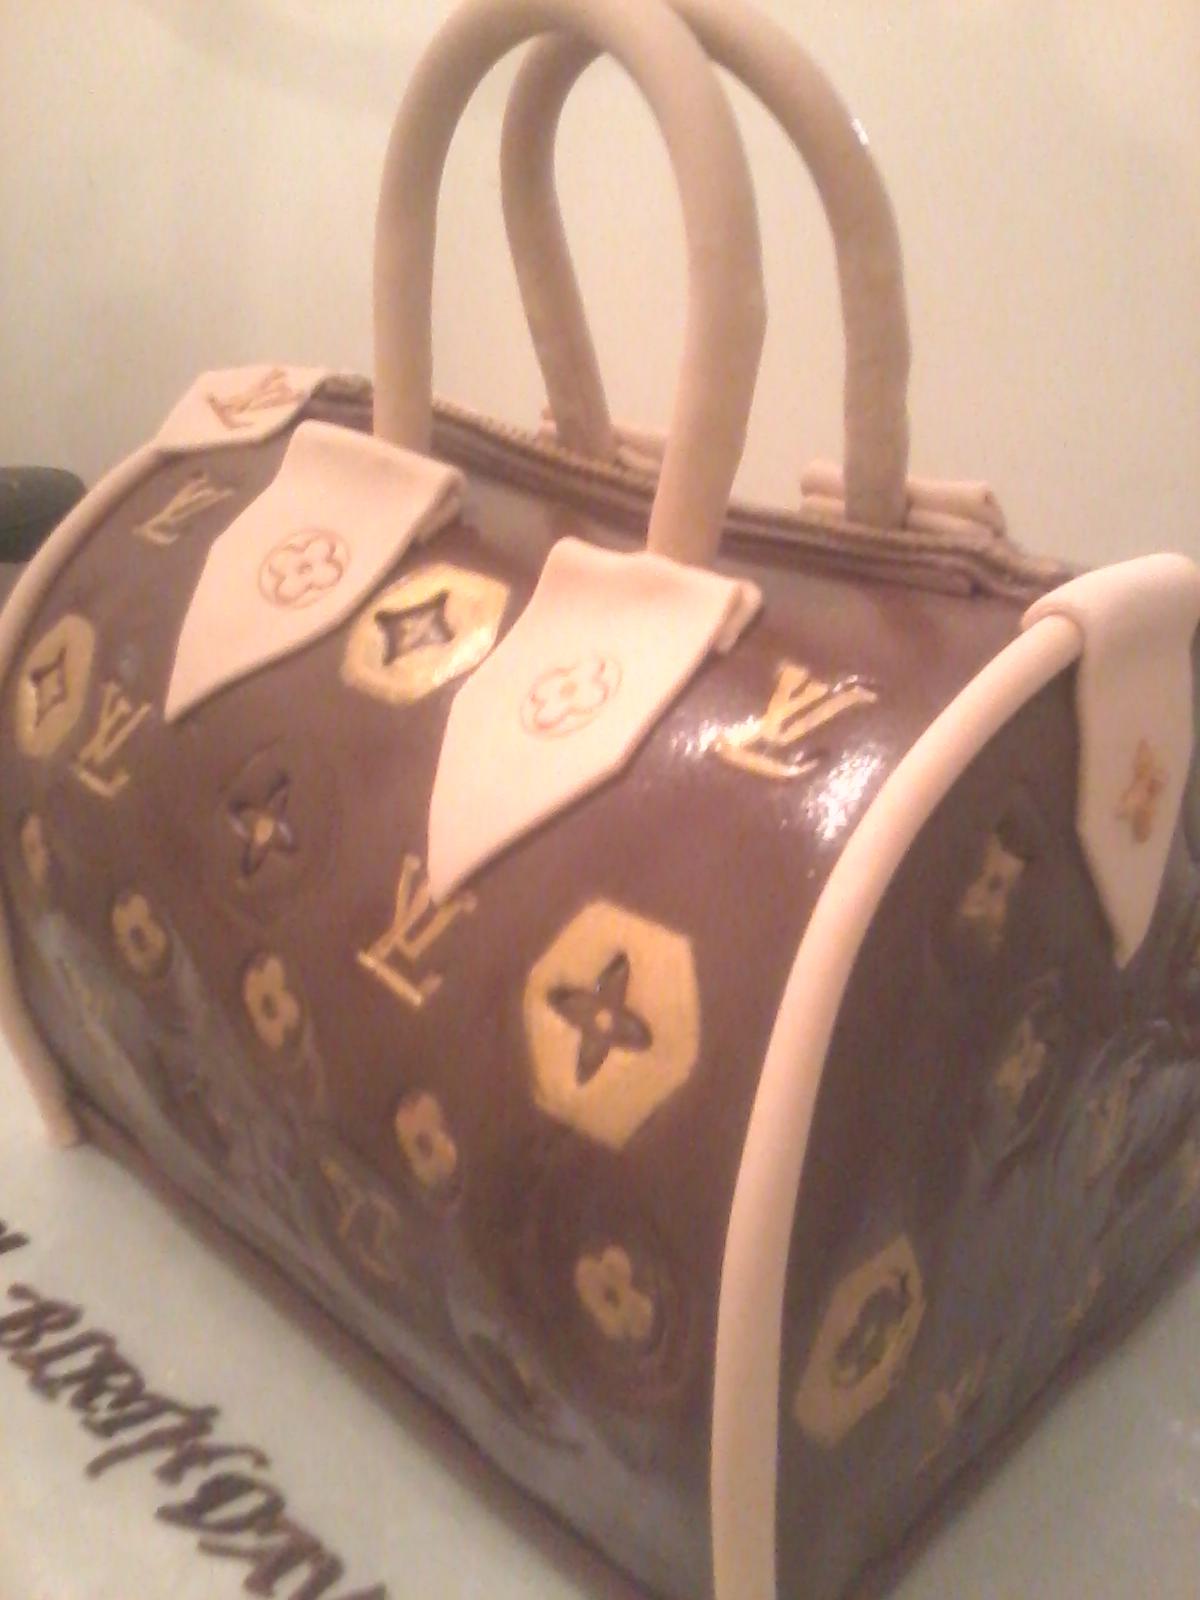 D Cake Designs 3390 Kori Rd Ste 4 Jacksonville FL 32257